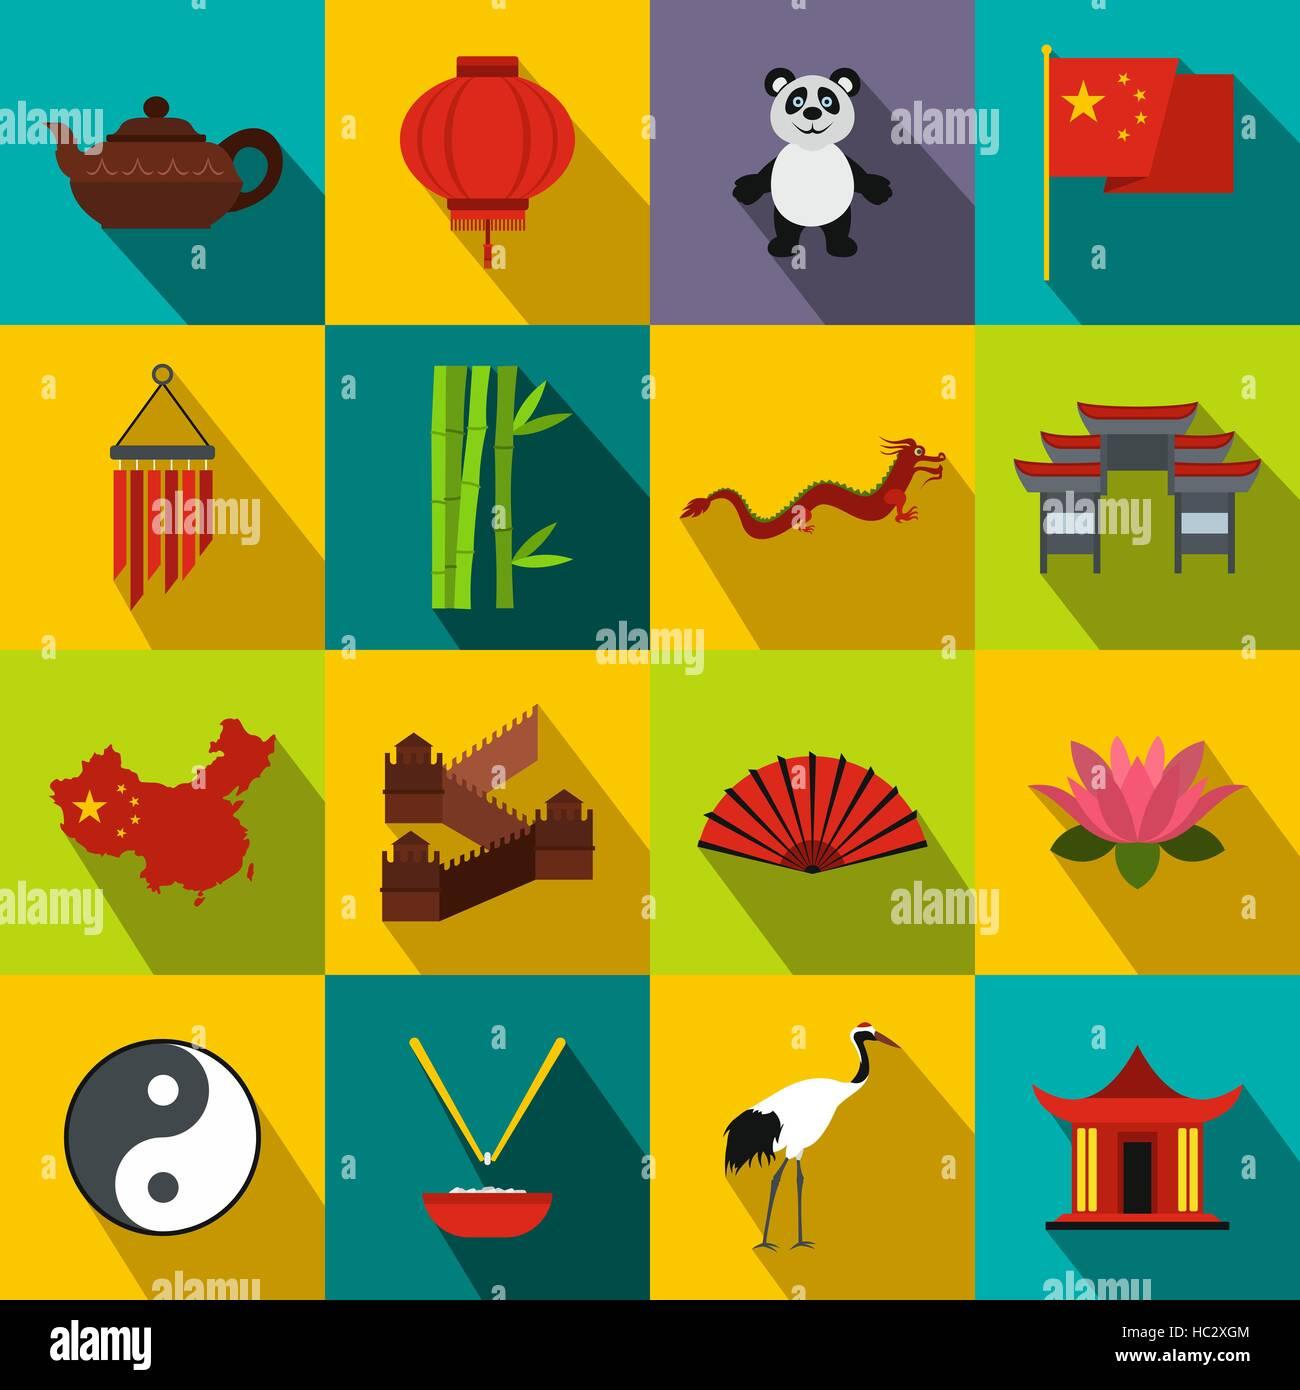 China flat icons - Stock Image